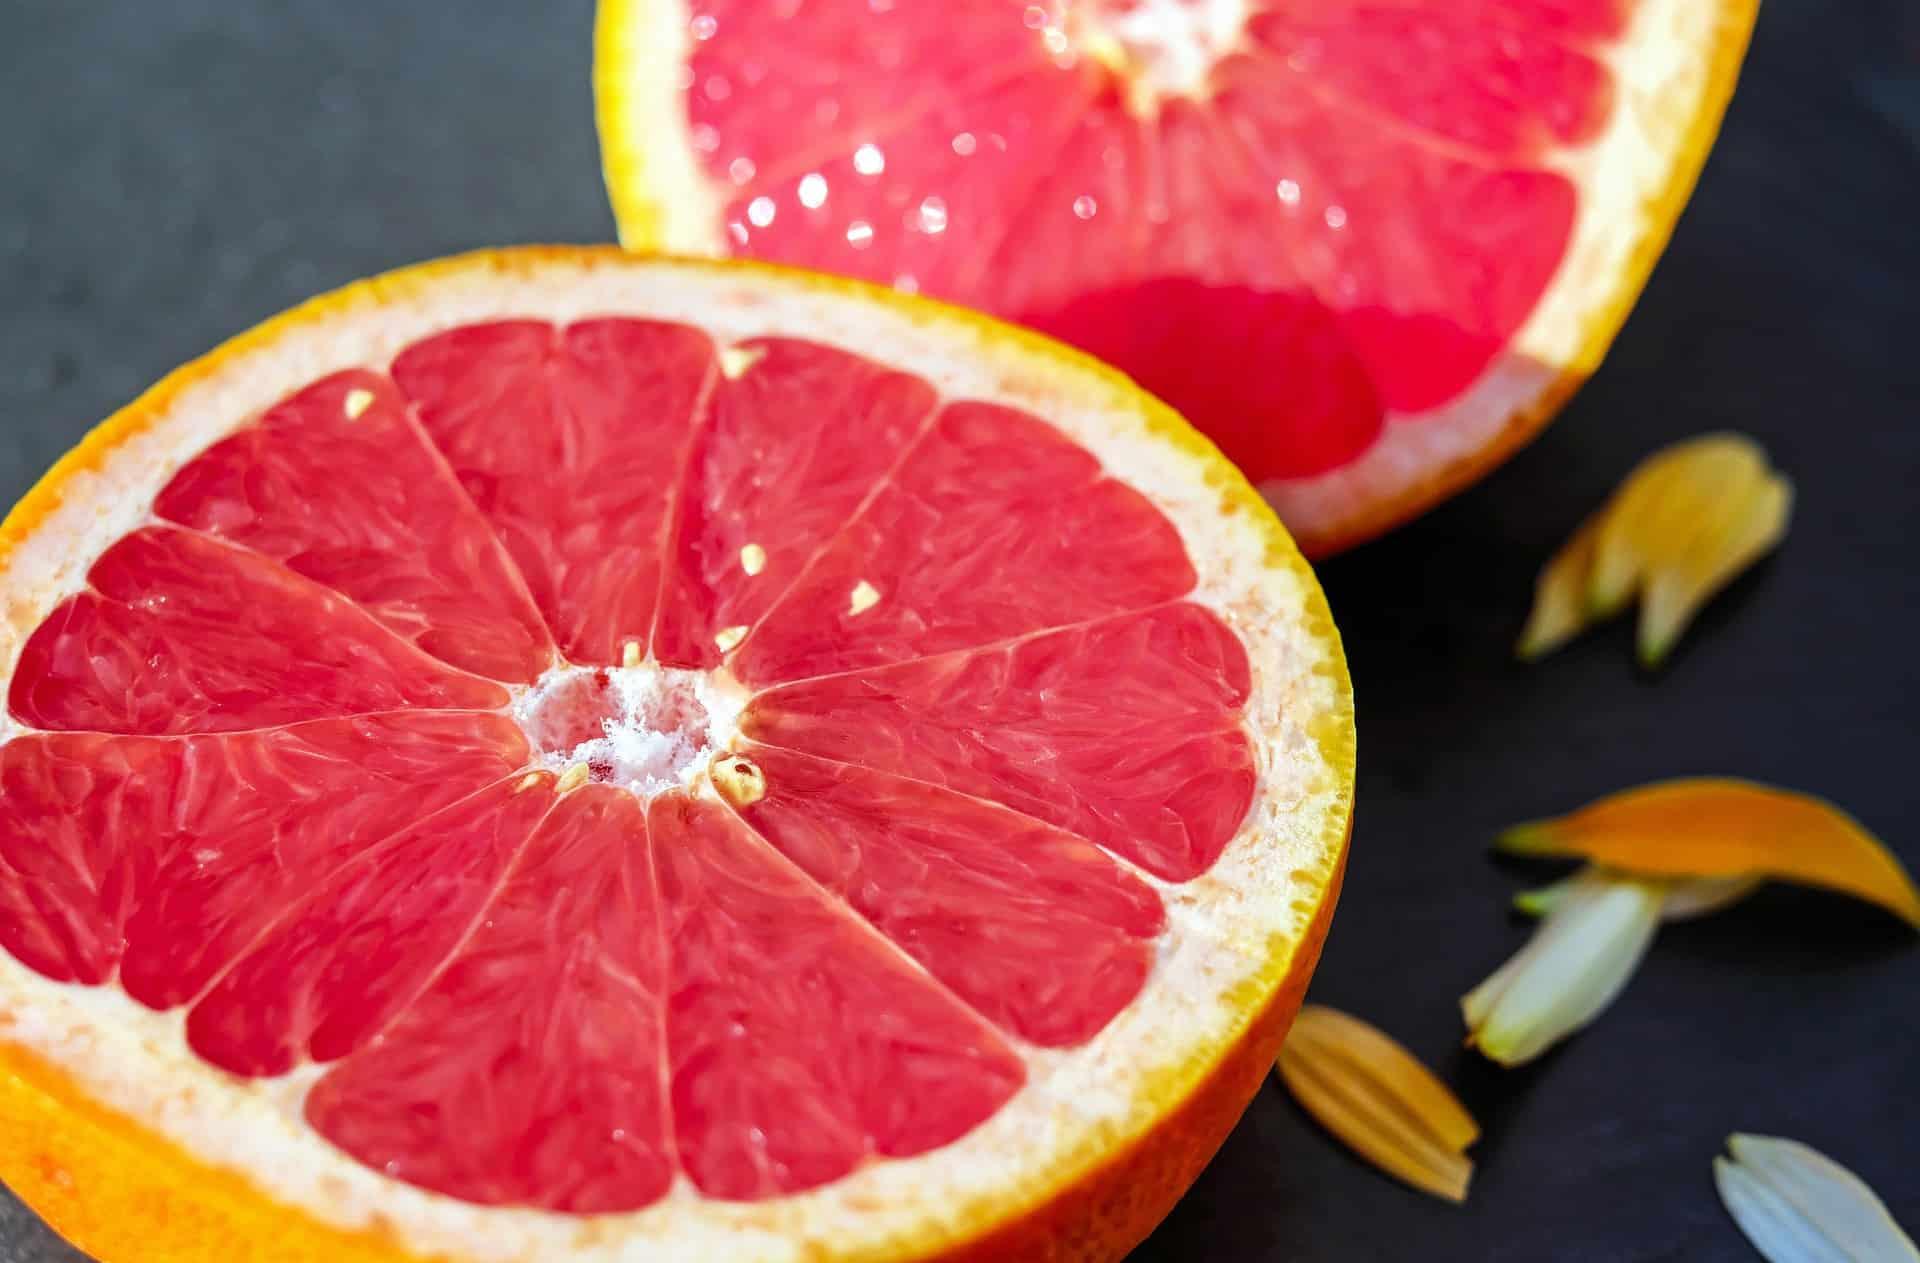 Grapefruitkernextrakt: Test & Empfehlungen (04/20)